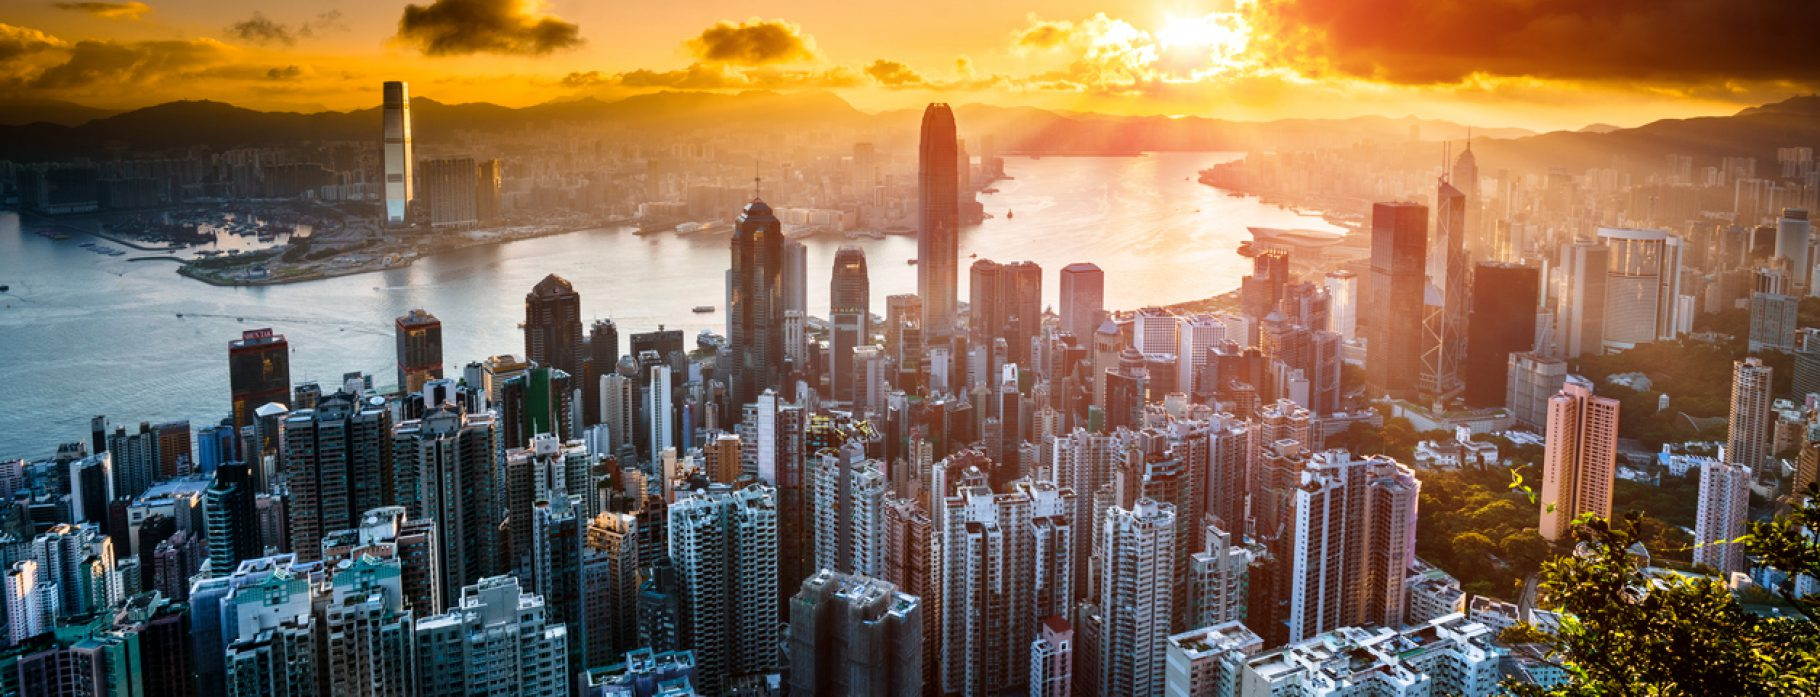 7 DAYS HONG KONG: NATURE & THE URBAN JUNGLE